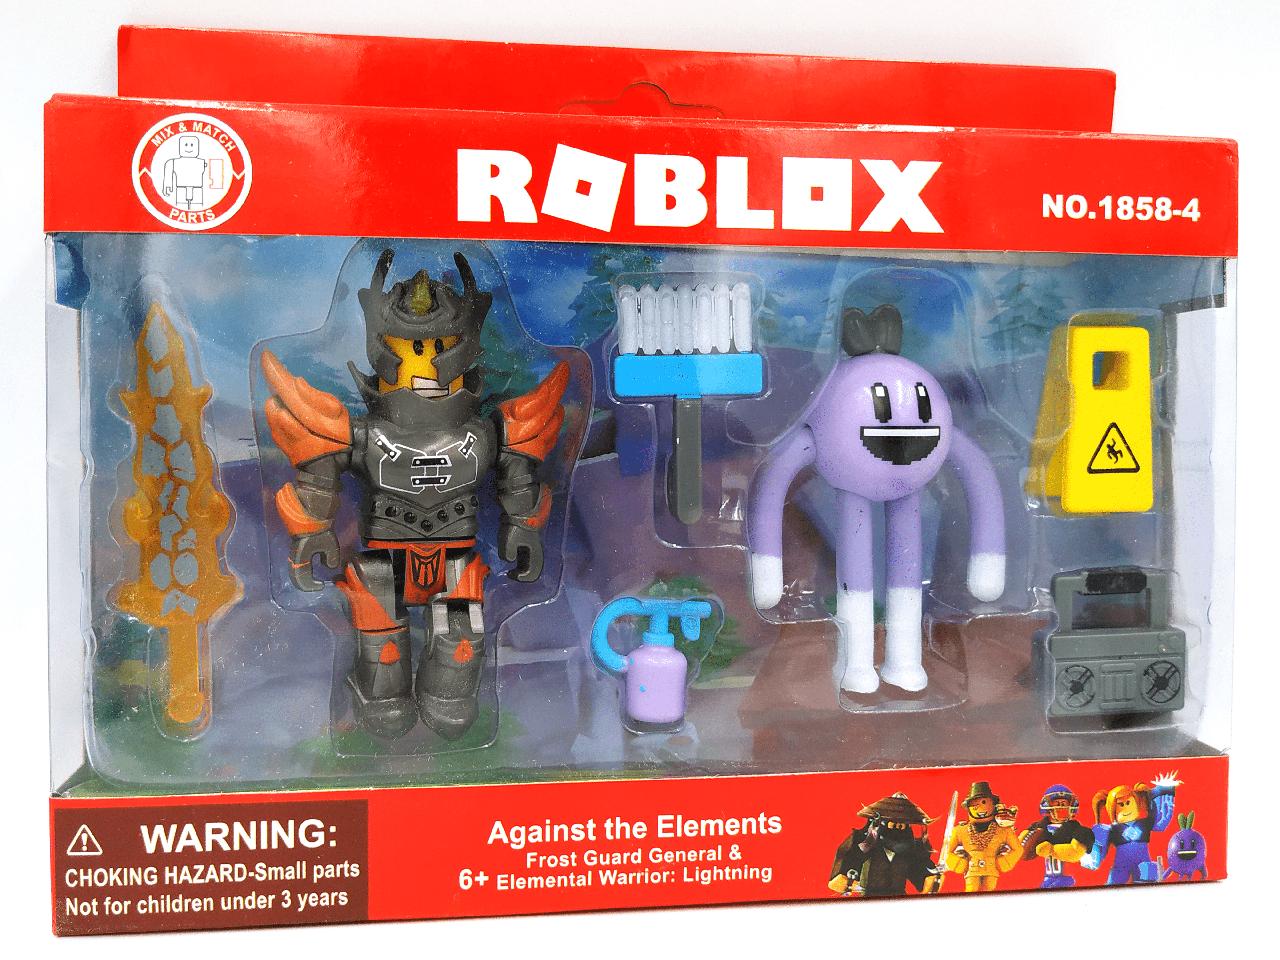 Набор фигурки Роблокс 2 в1 игрушки Roblox